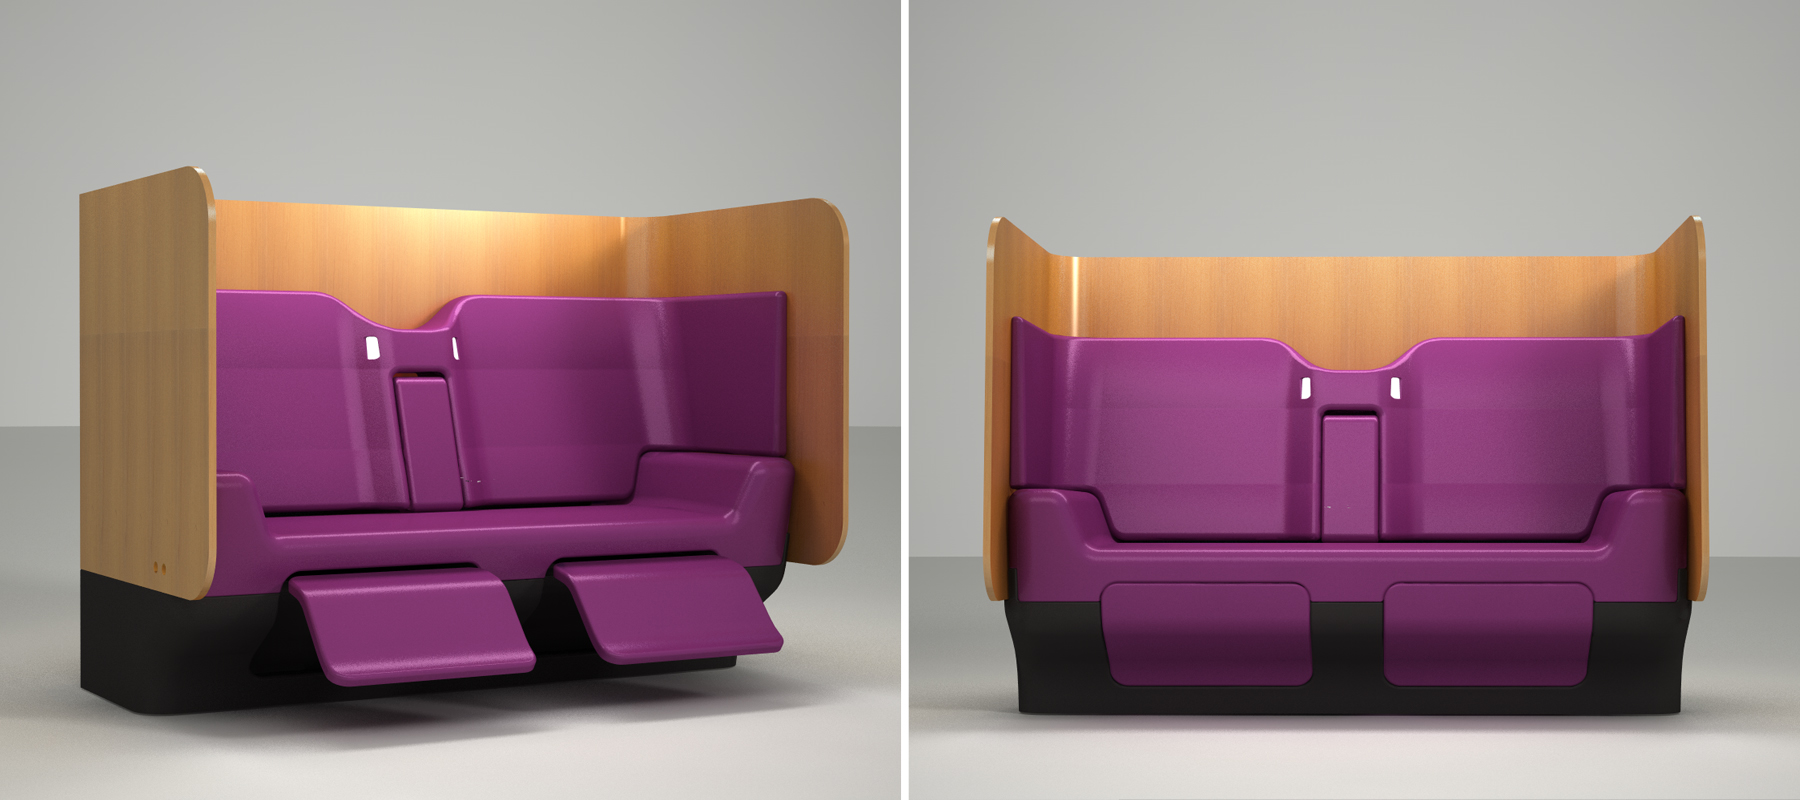 MOVIE-SEAT-naço-kleslo-manufactor of cinema seat-fauteuils-cinéma